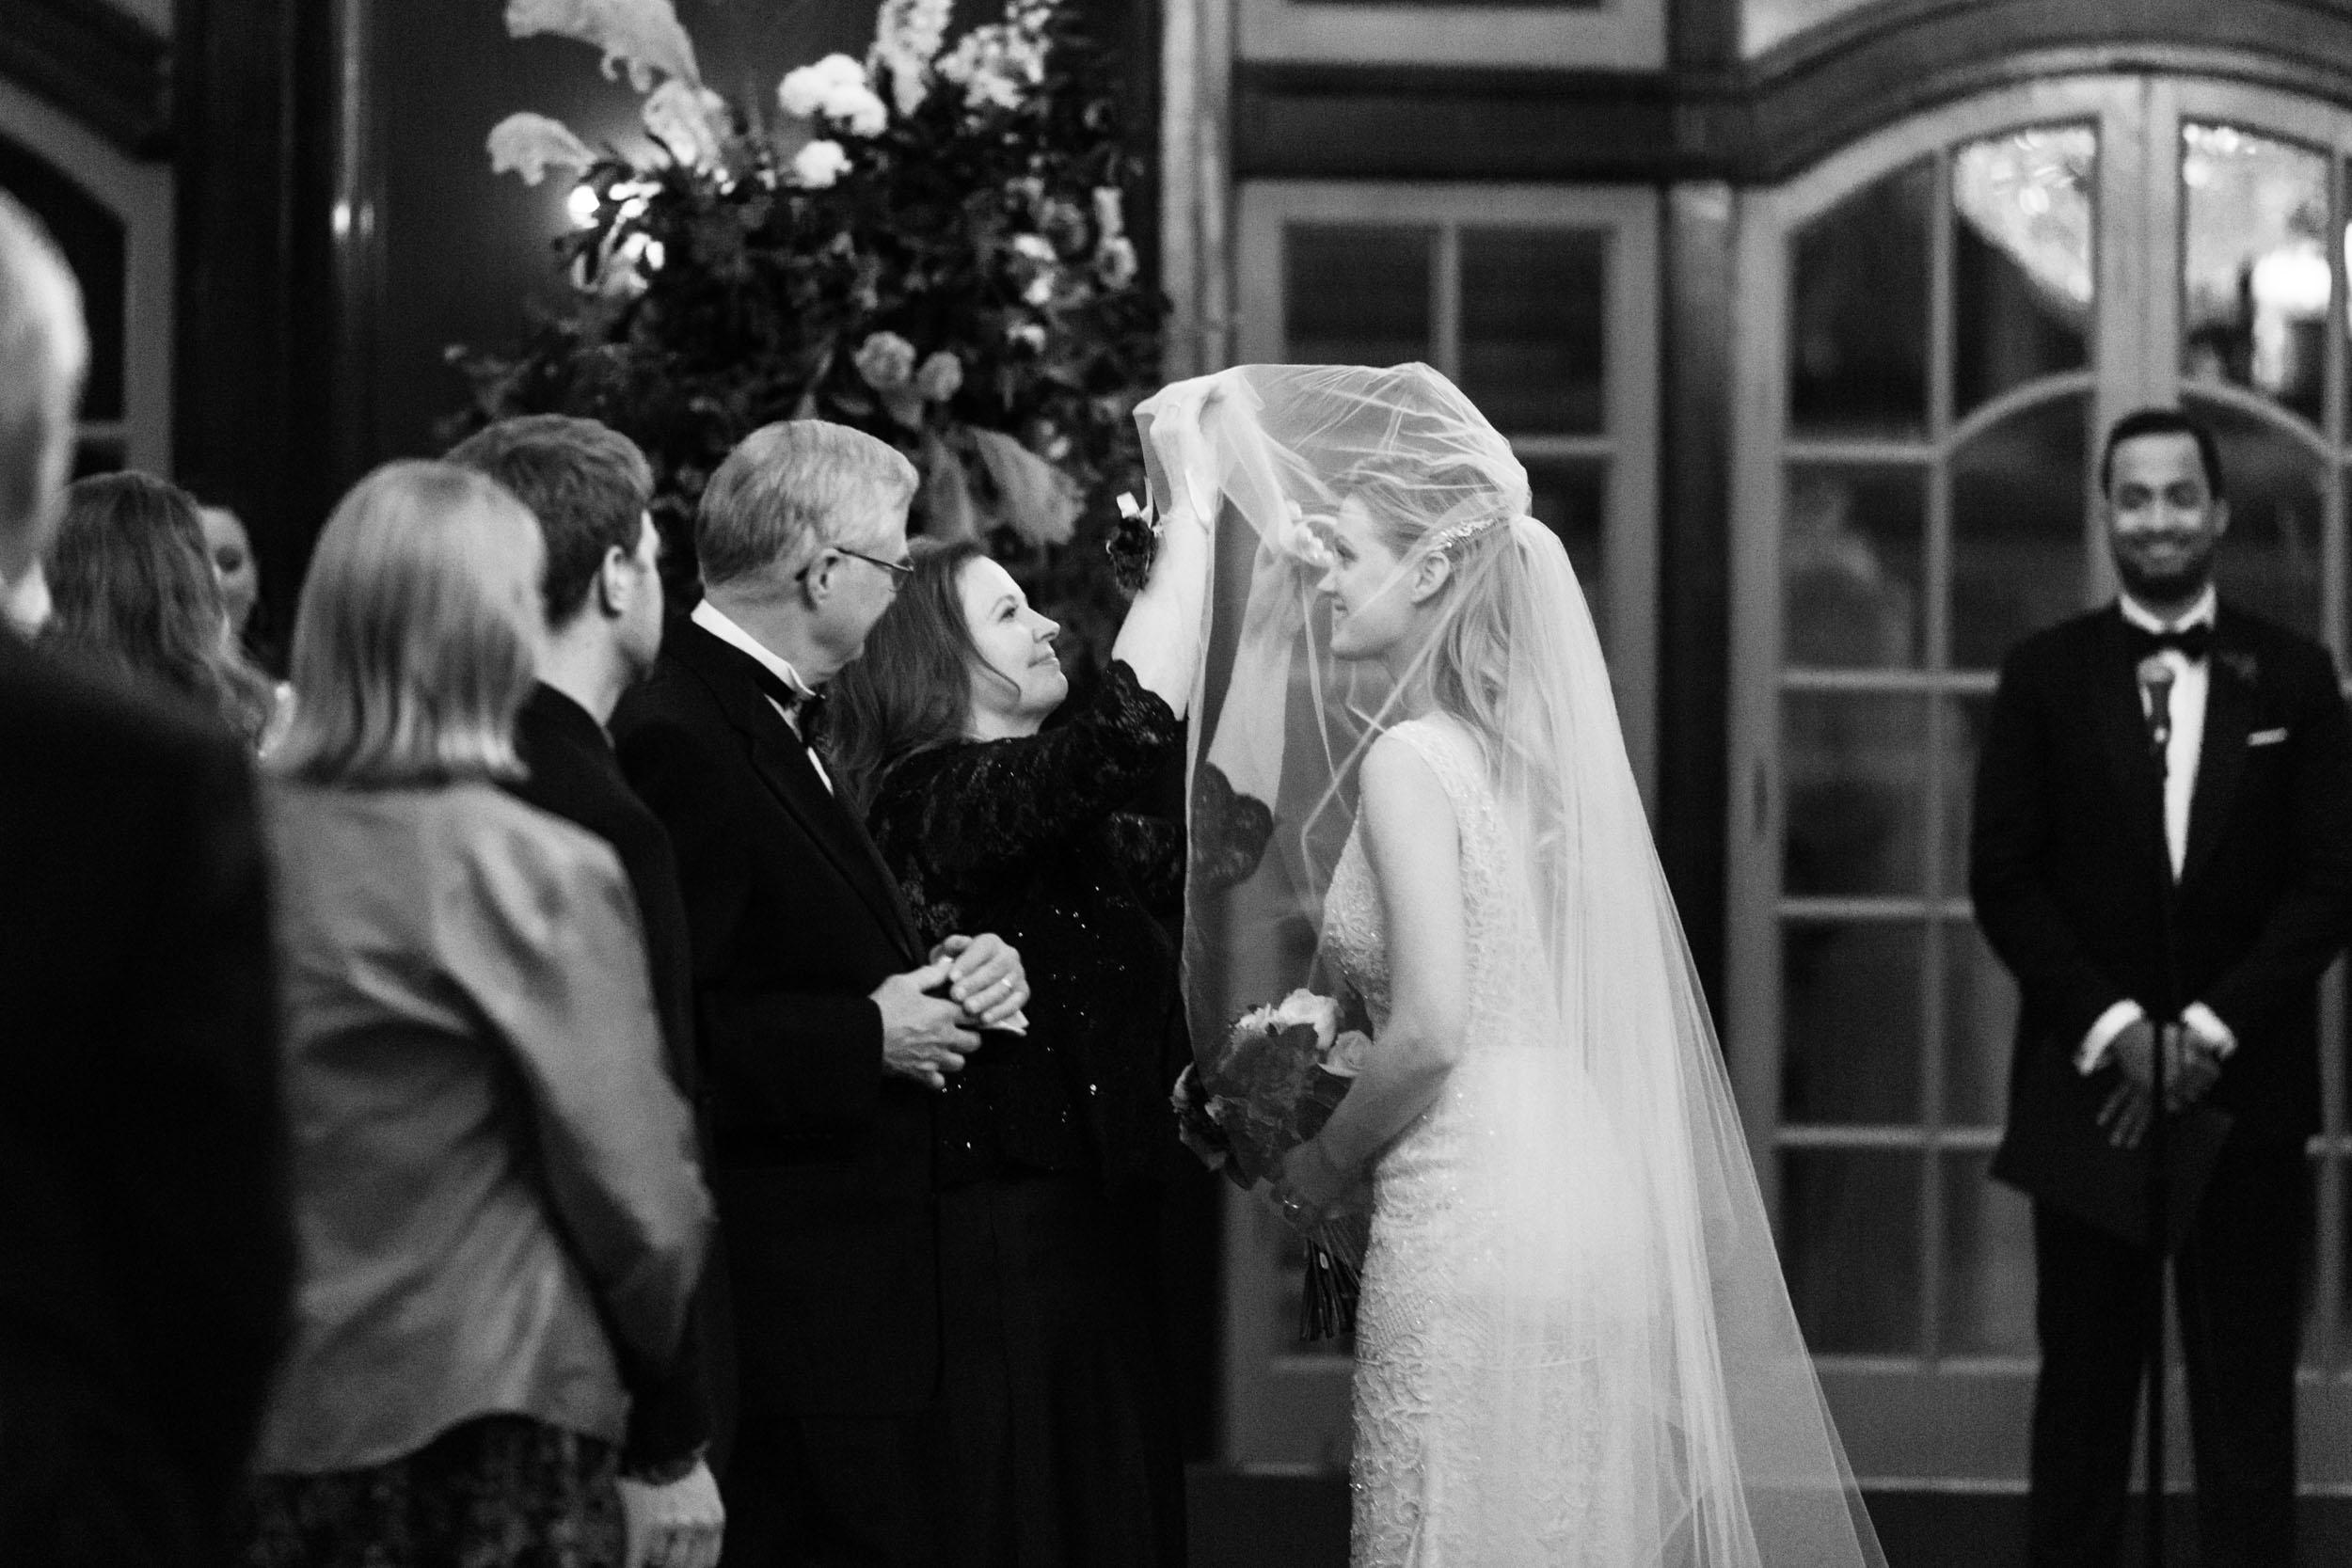 chicago-wedding-photos-studio-this-is-jack-schroeder-36.jpg